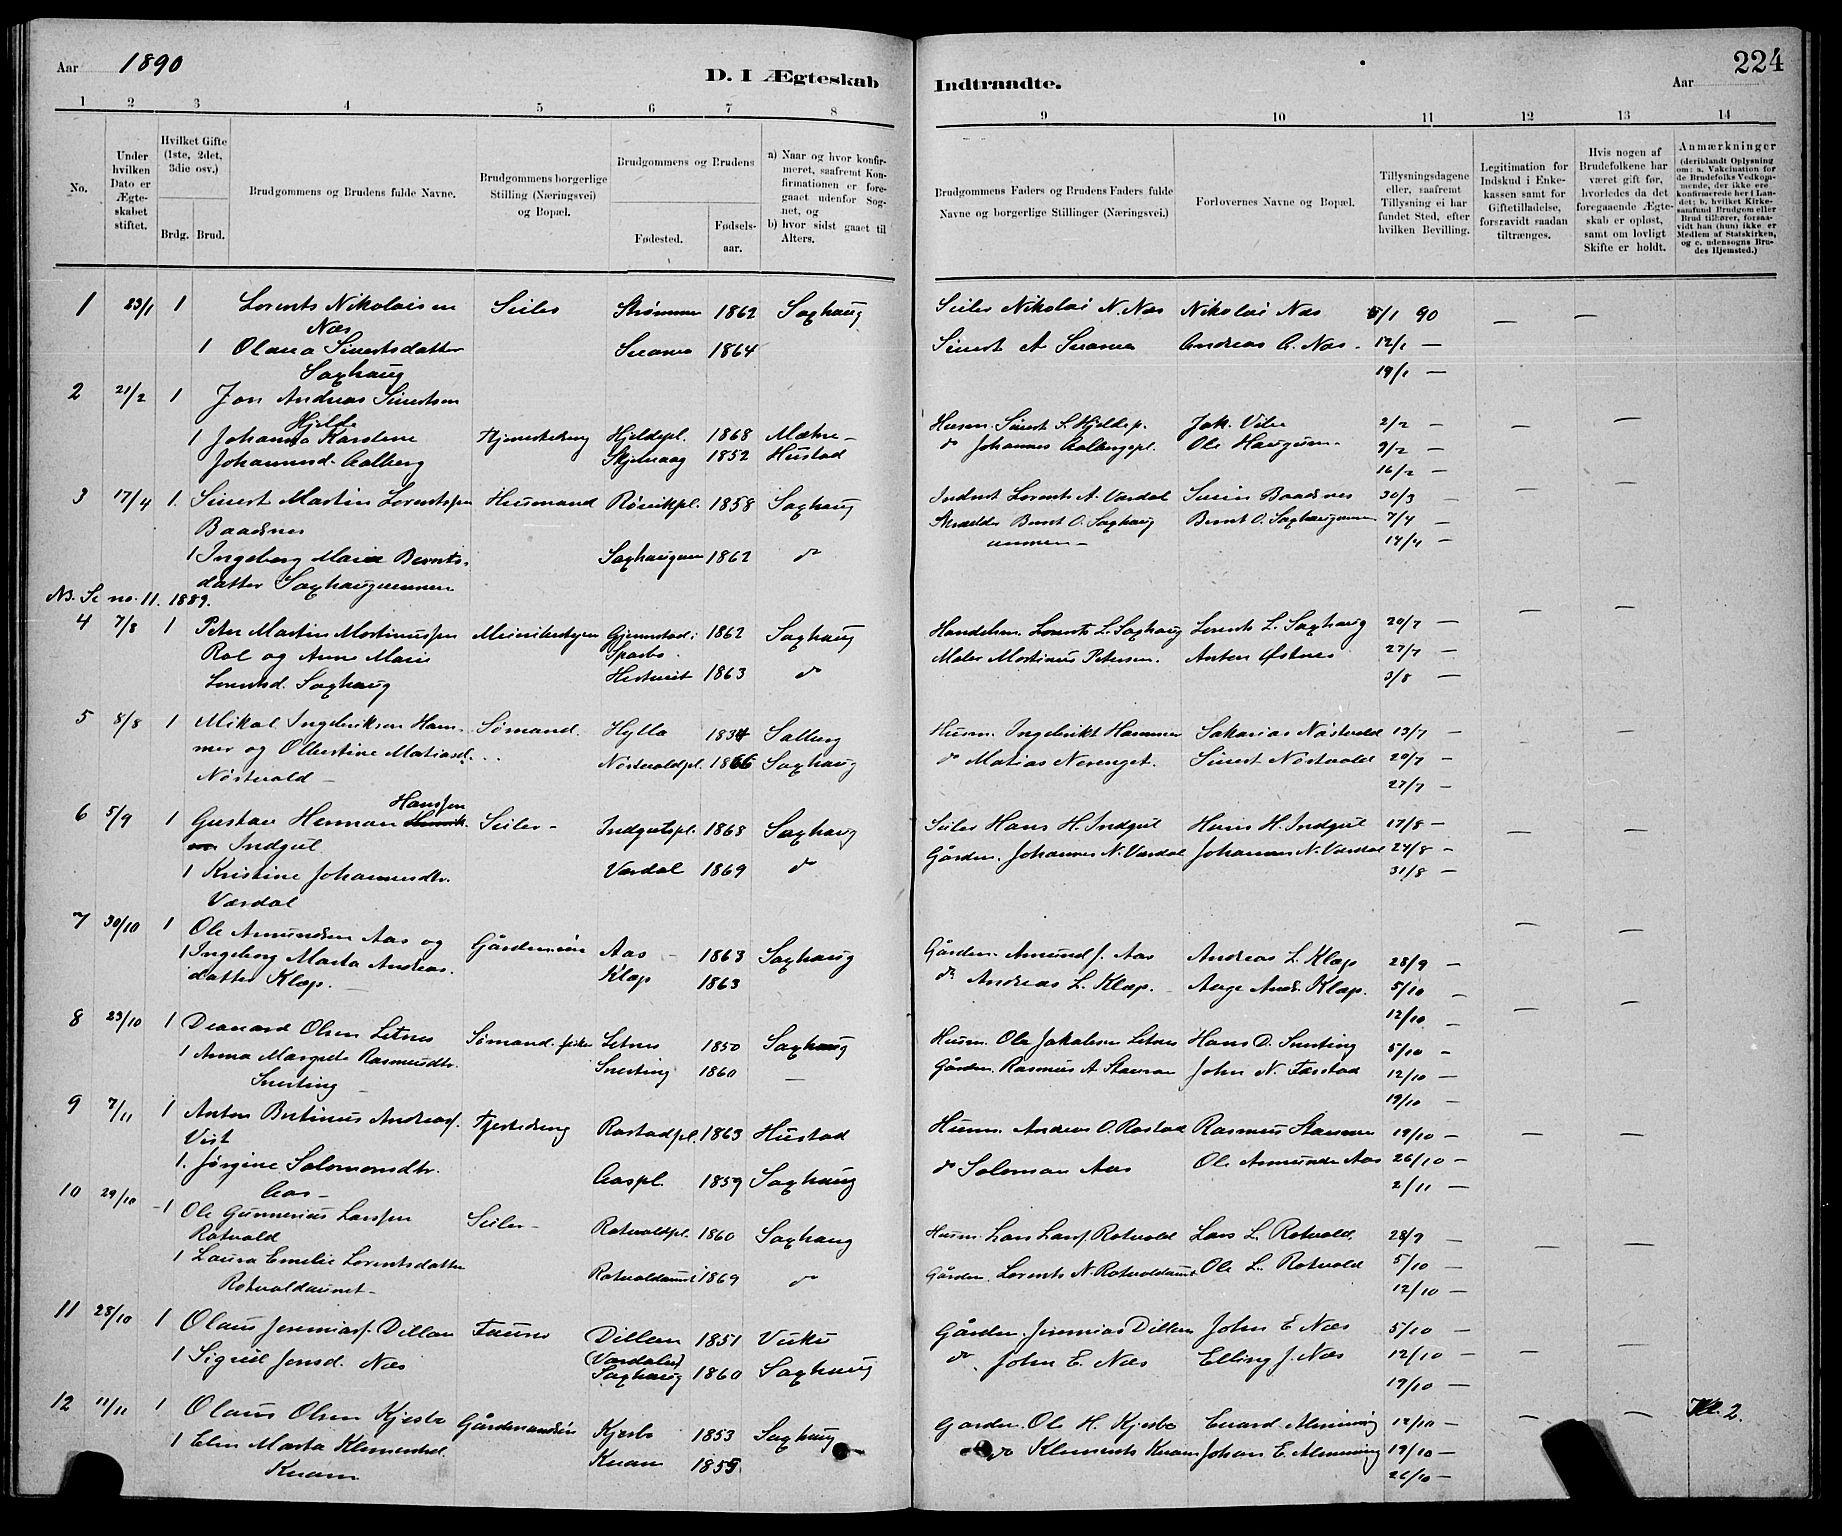 SAT, Ministerialprotokoller, klokkerbøker og fødselsregistre - Nord-Trøndelag, 730/L0301: Klokkerbok nr. 730C04, 1880-1897, s. 224